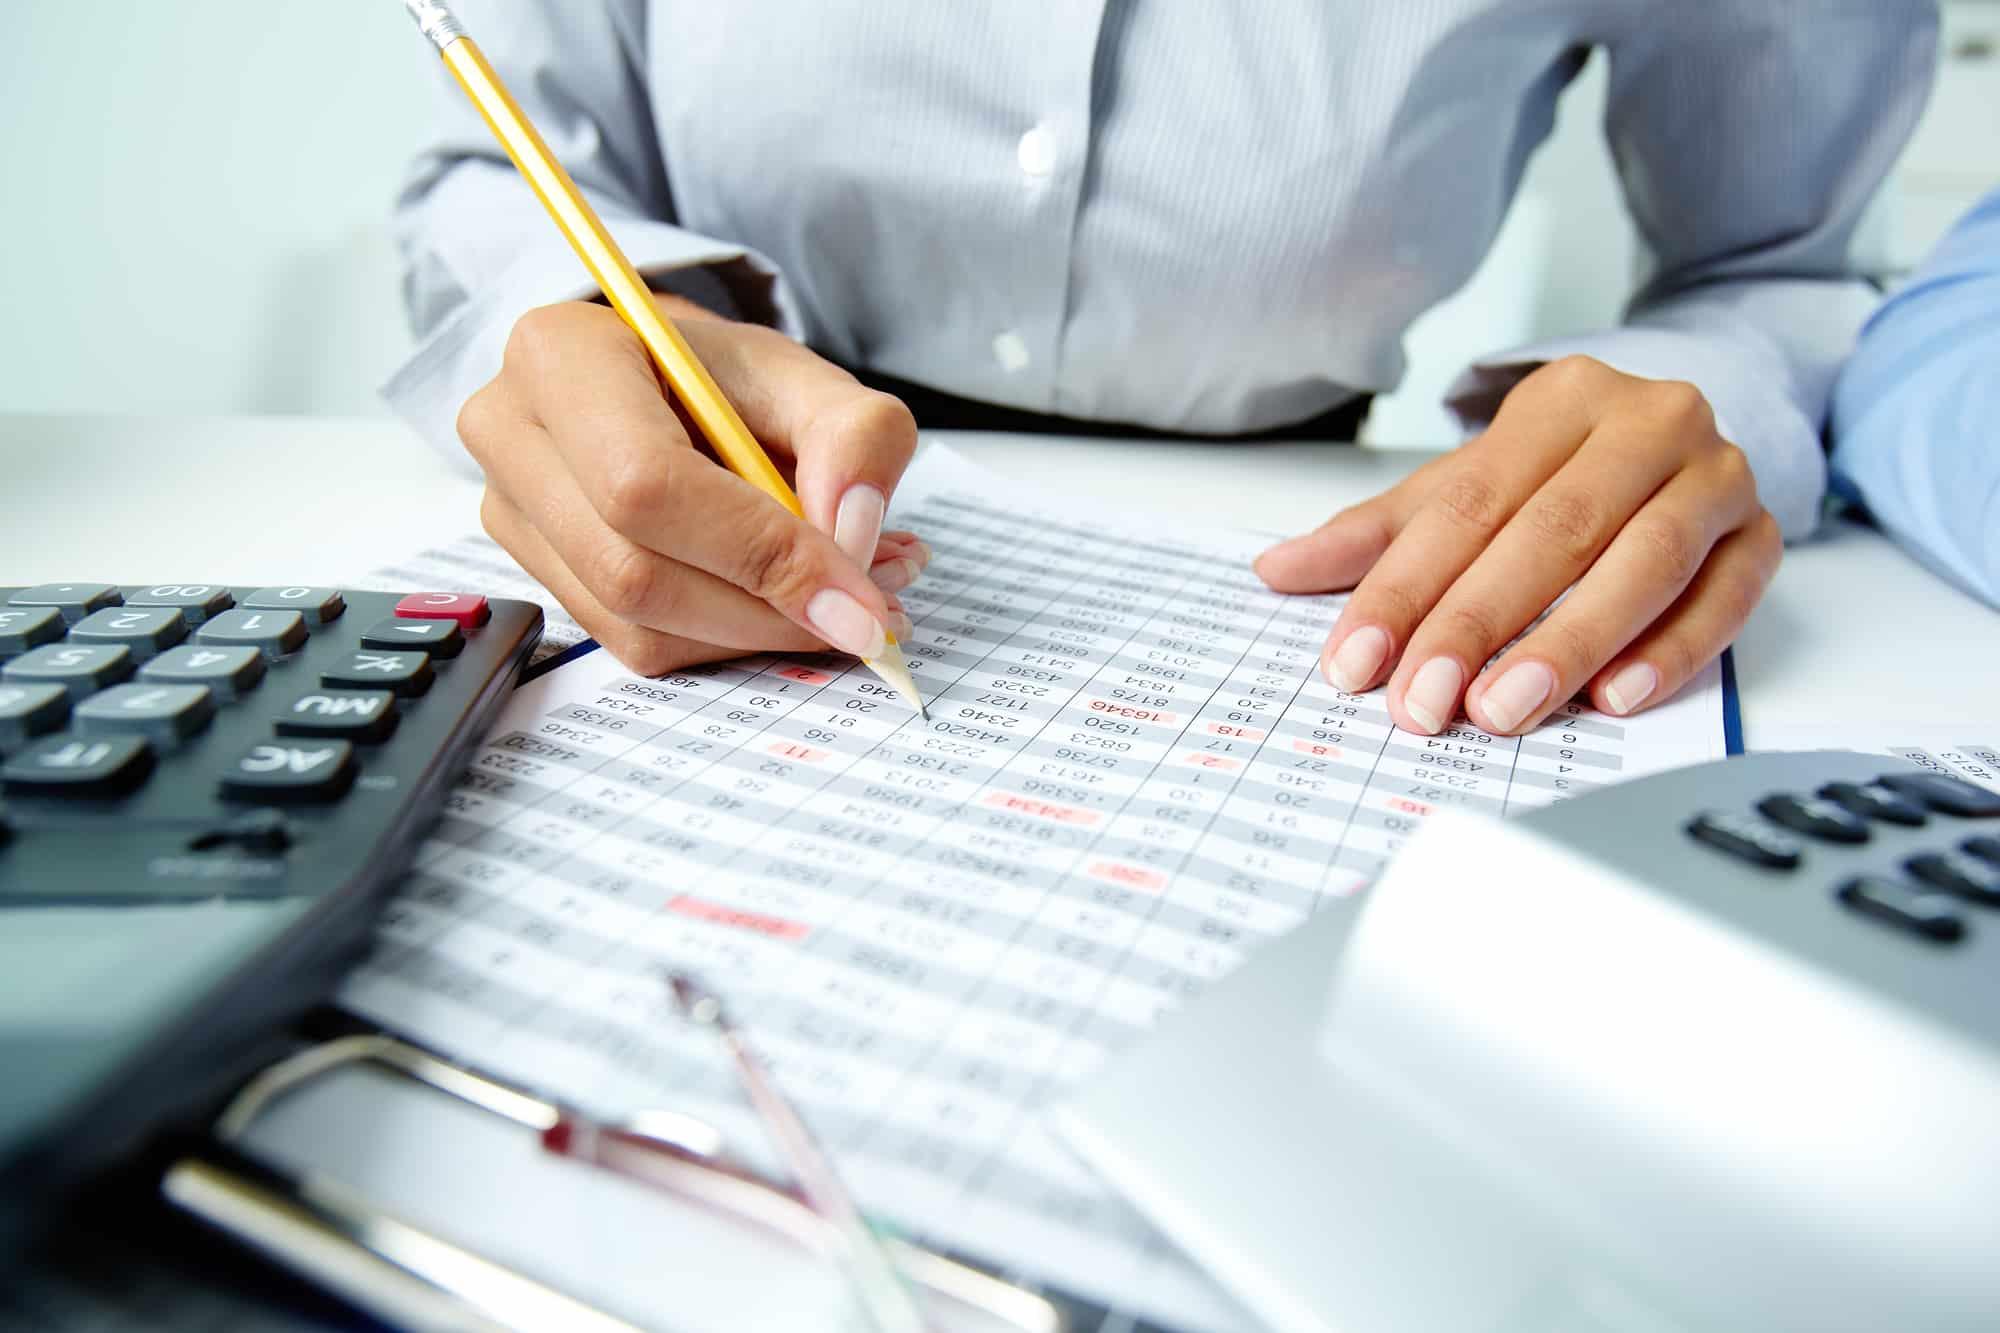 Weiterbildung in der Buchhaltung: 6 potenzielle Jobs & 4 Möglichkeiten